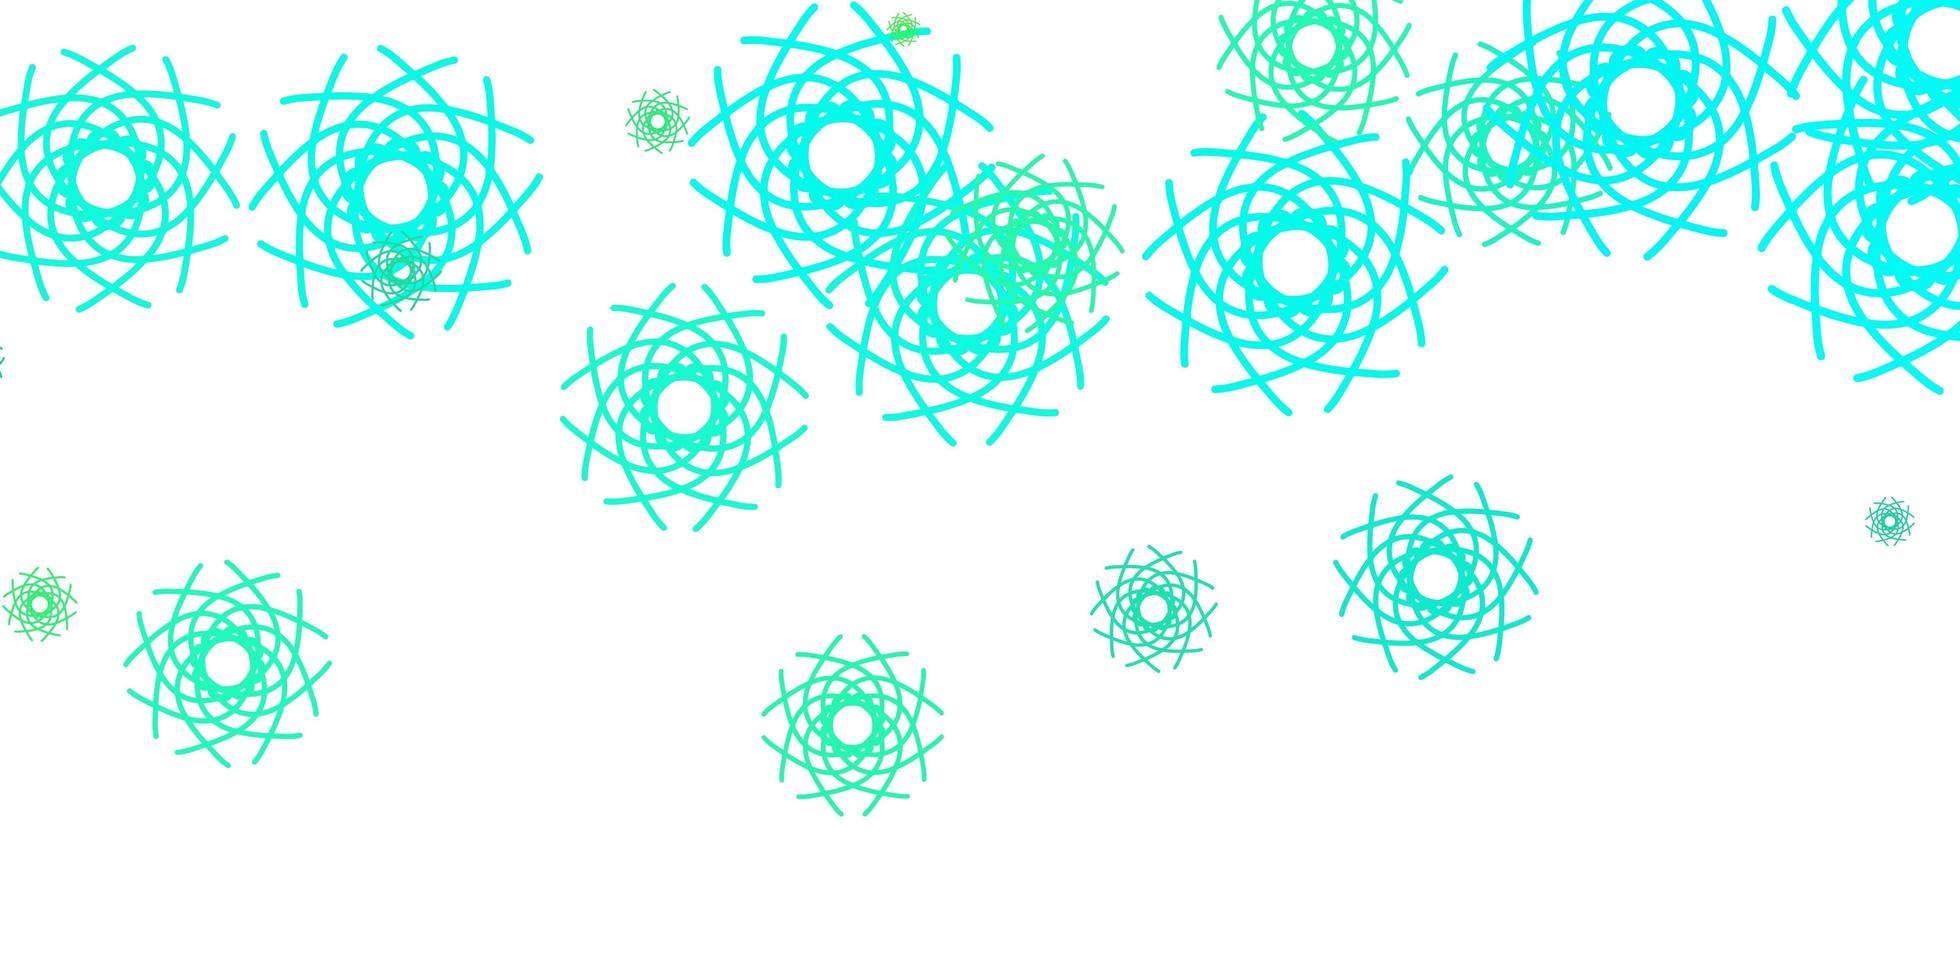 fond de vecteur vert clair avec des formes aléatoires.